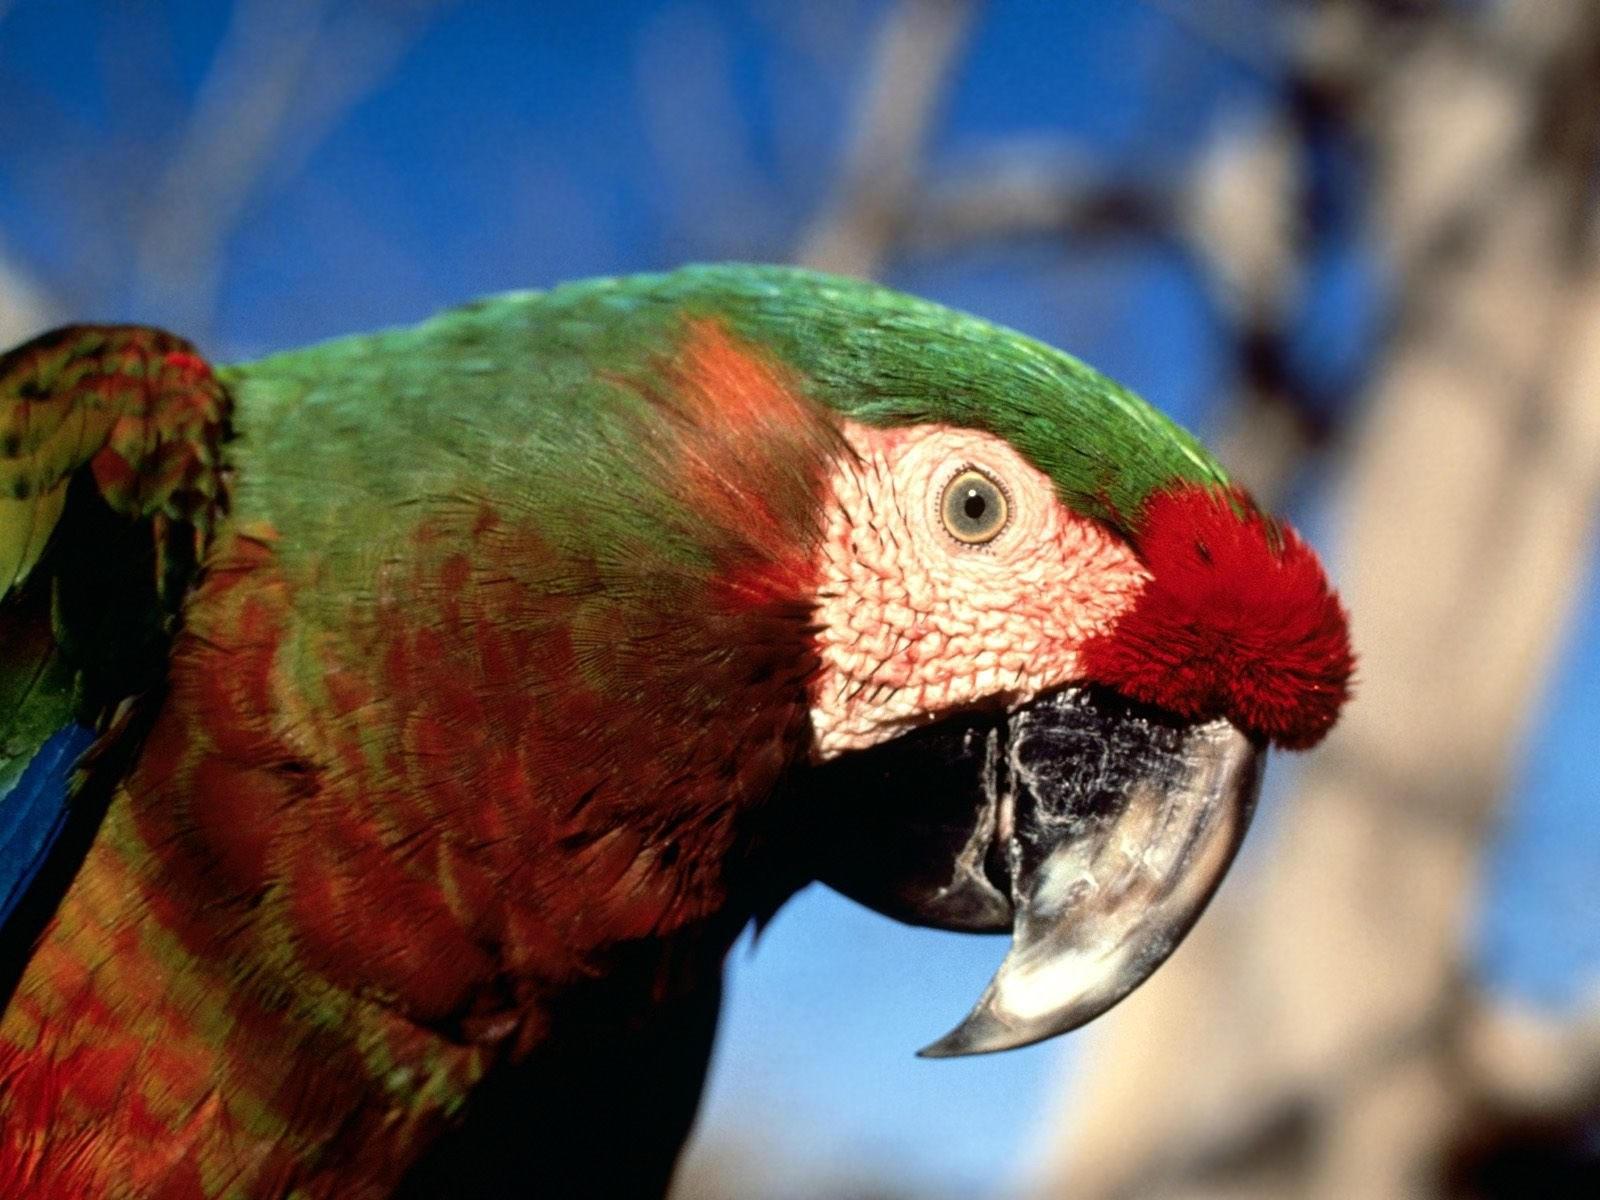 Попугай зелено-красного окраса